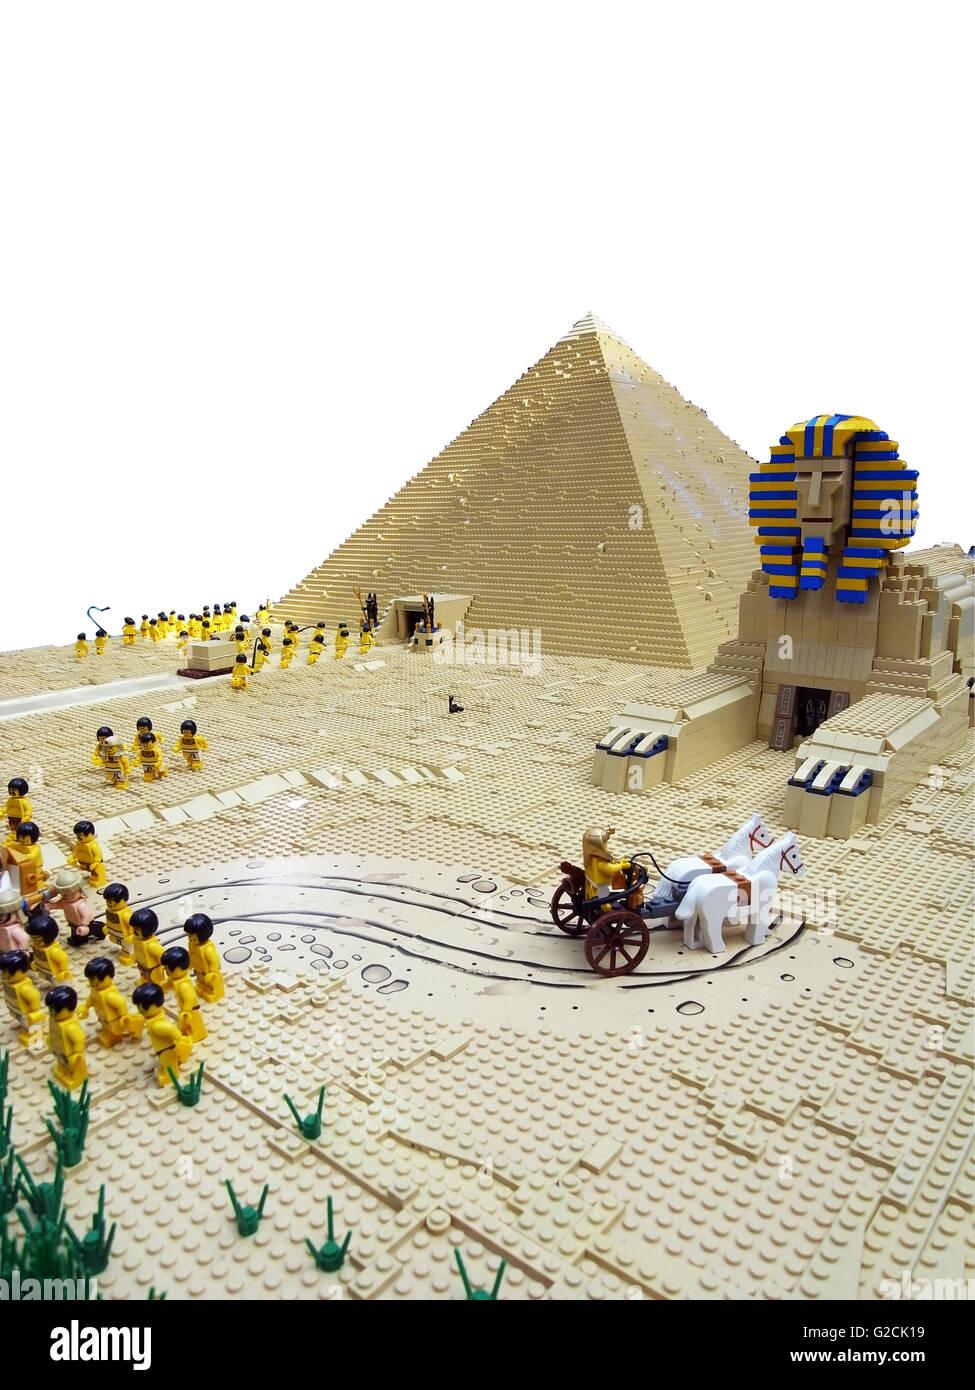 Lego Egypte Ancienne Égyptien Sphinx Pharaon Pyramide Modèle mN0wn8